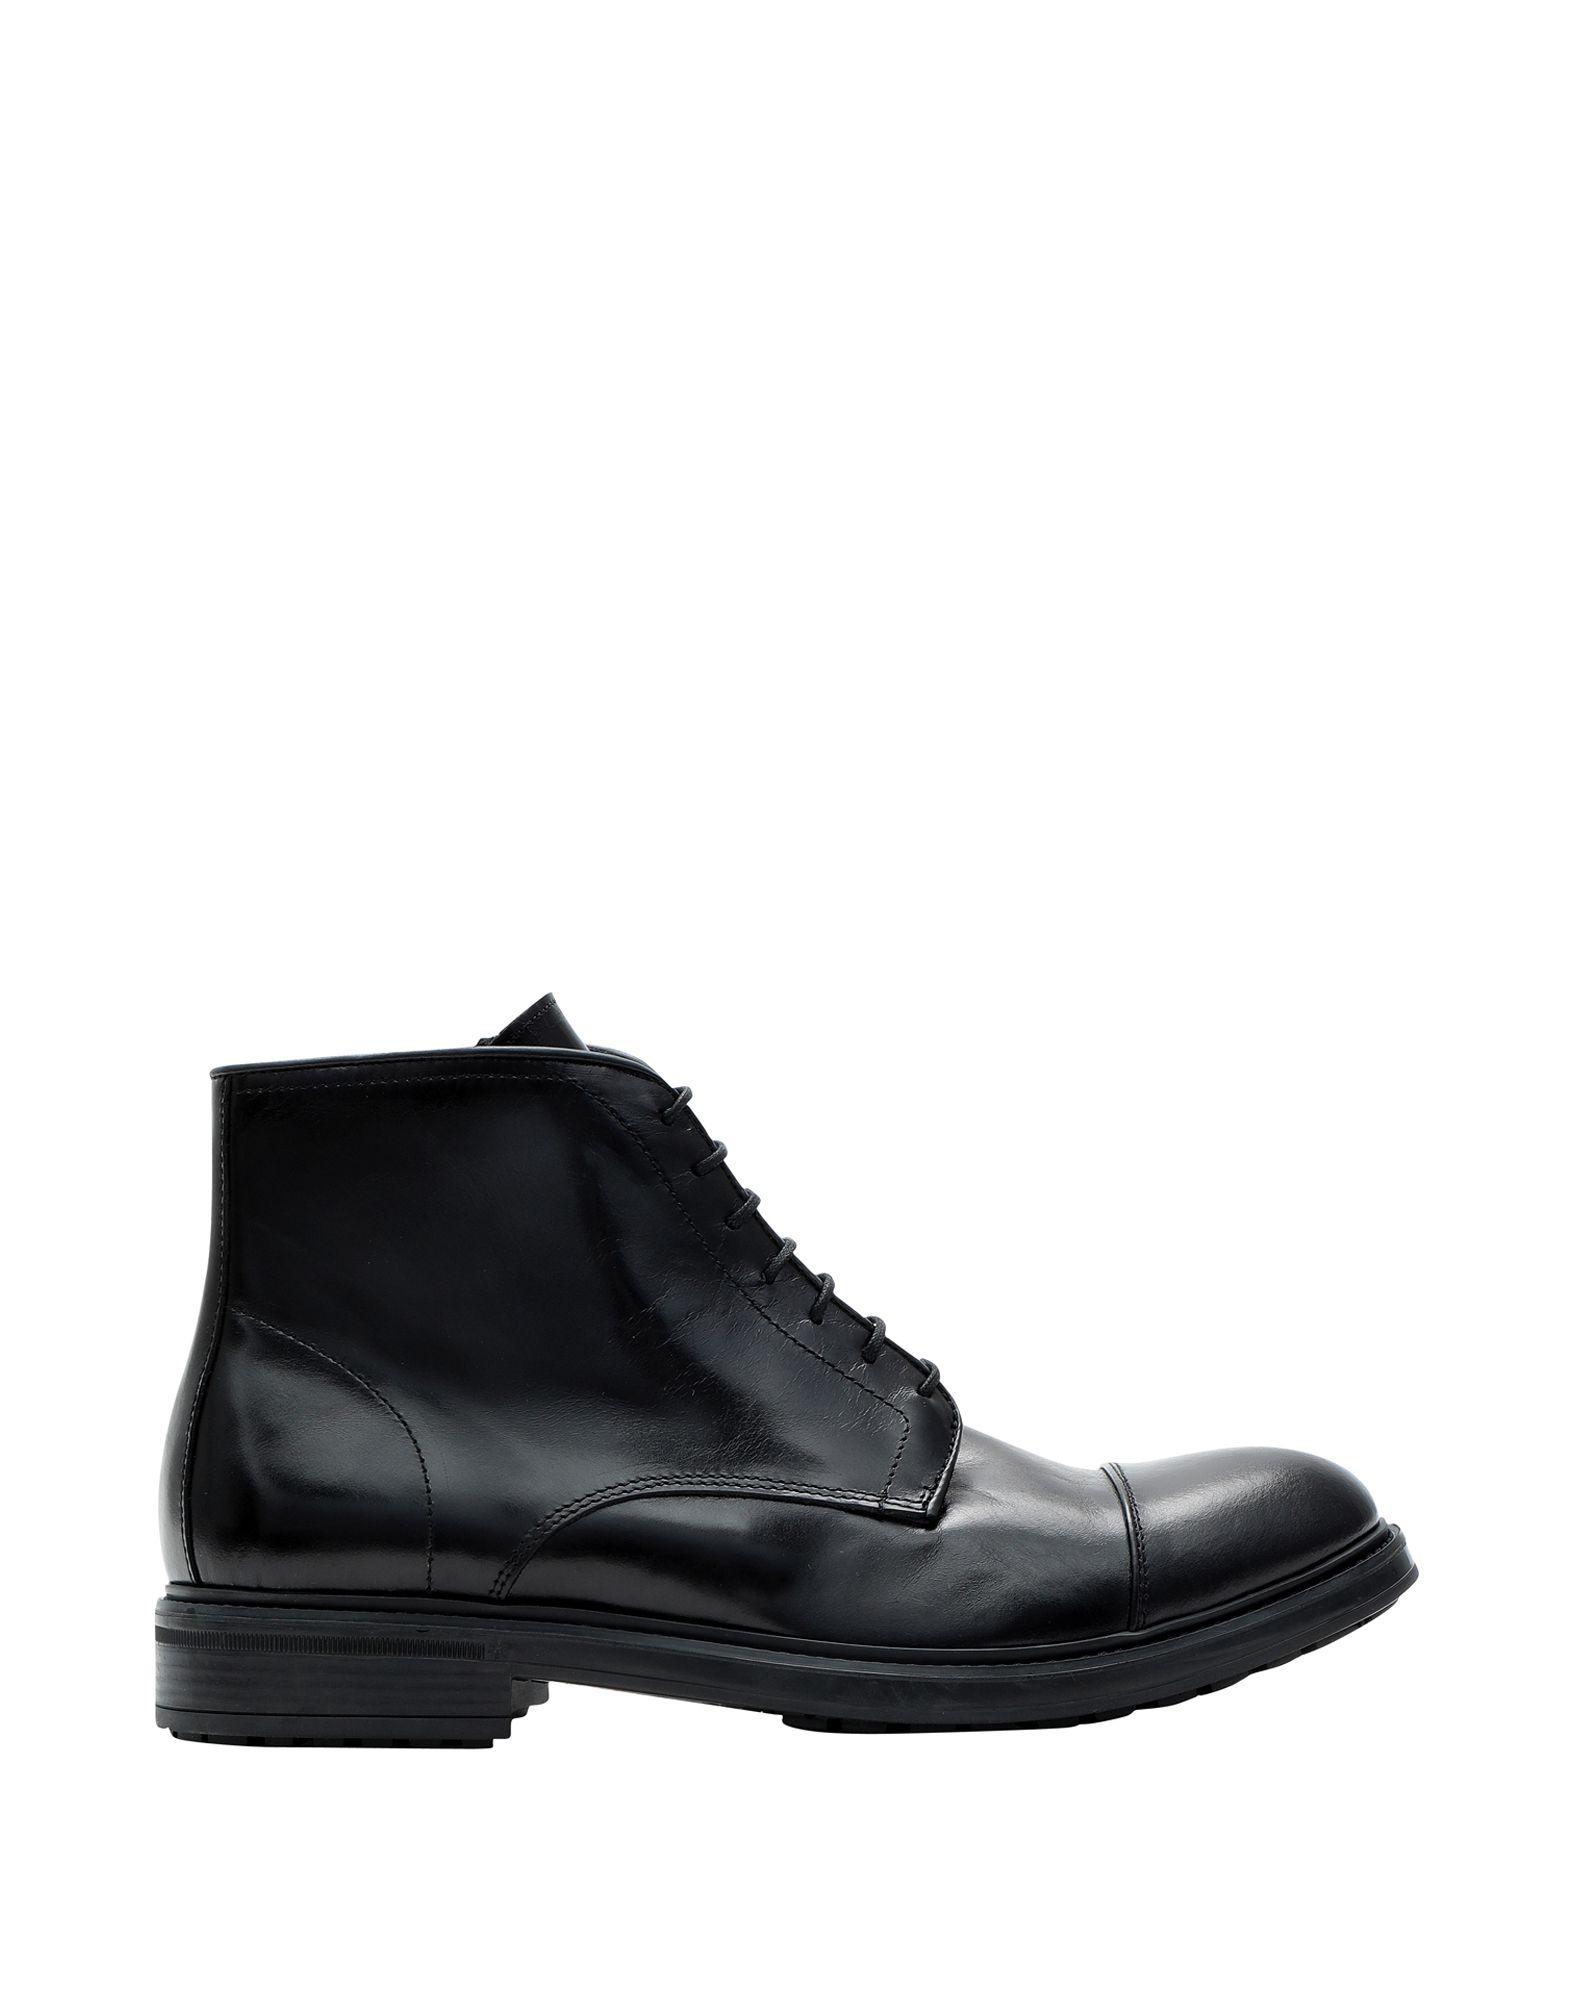 Eveet Stiefelette Herren  11524628GC Gute Qualität beliebte Schuhe